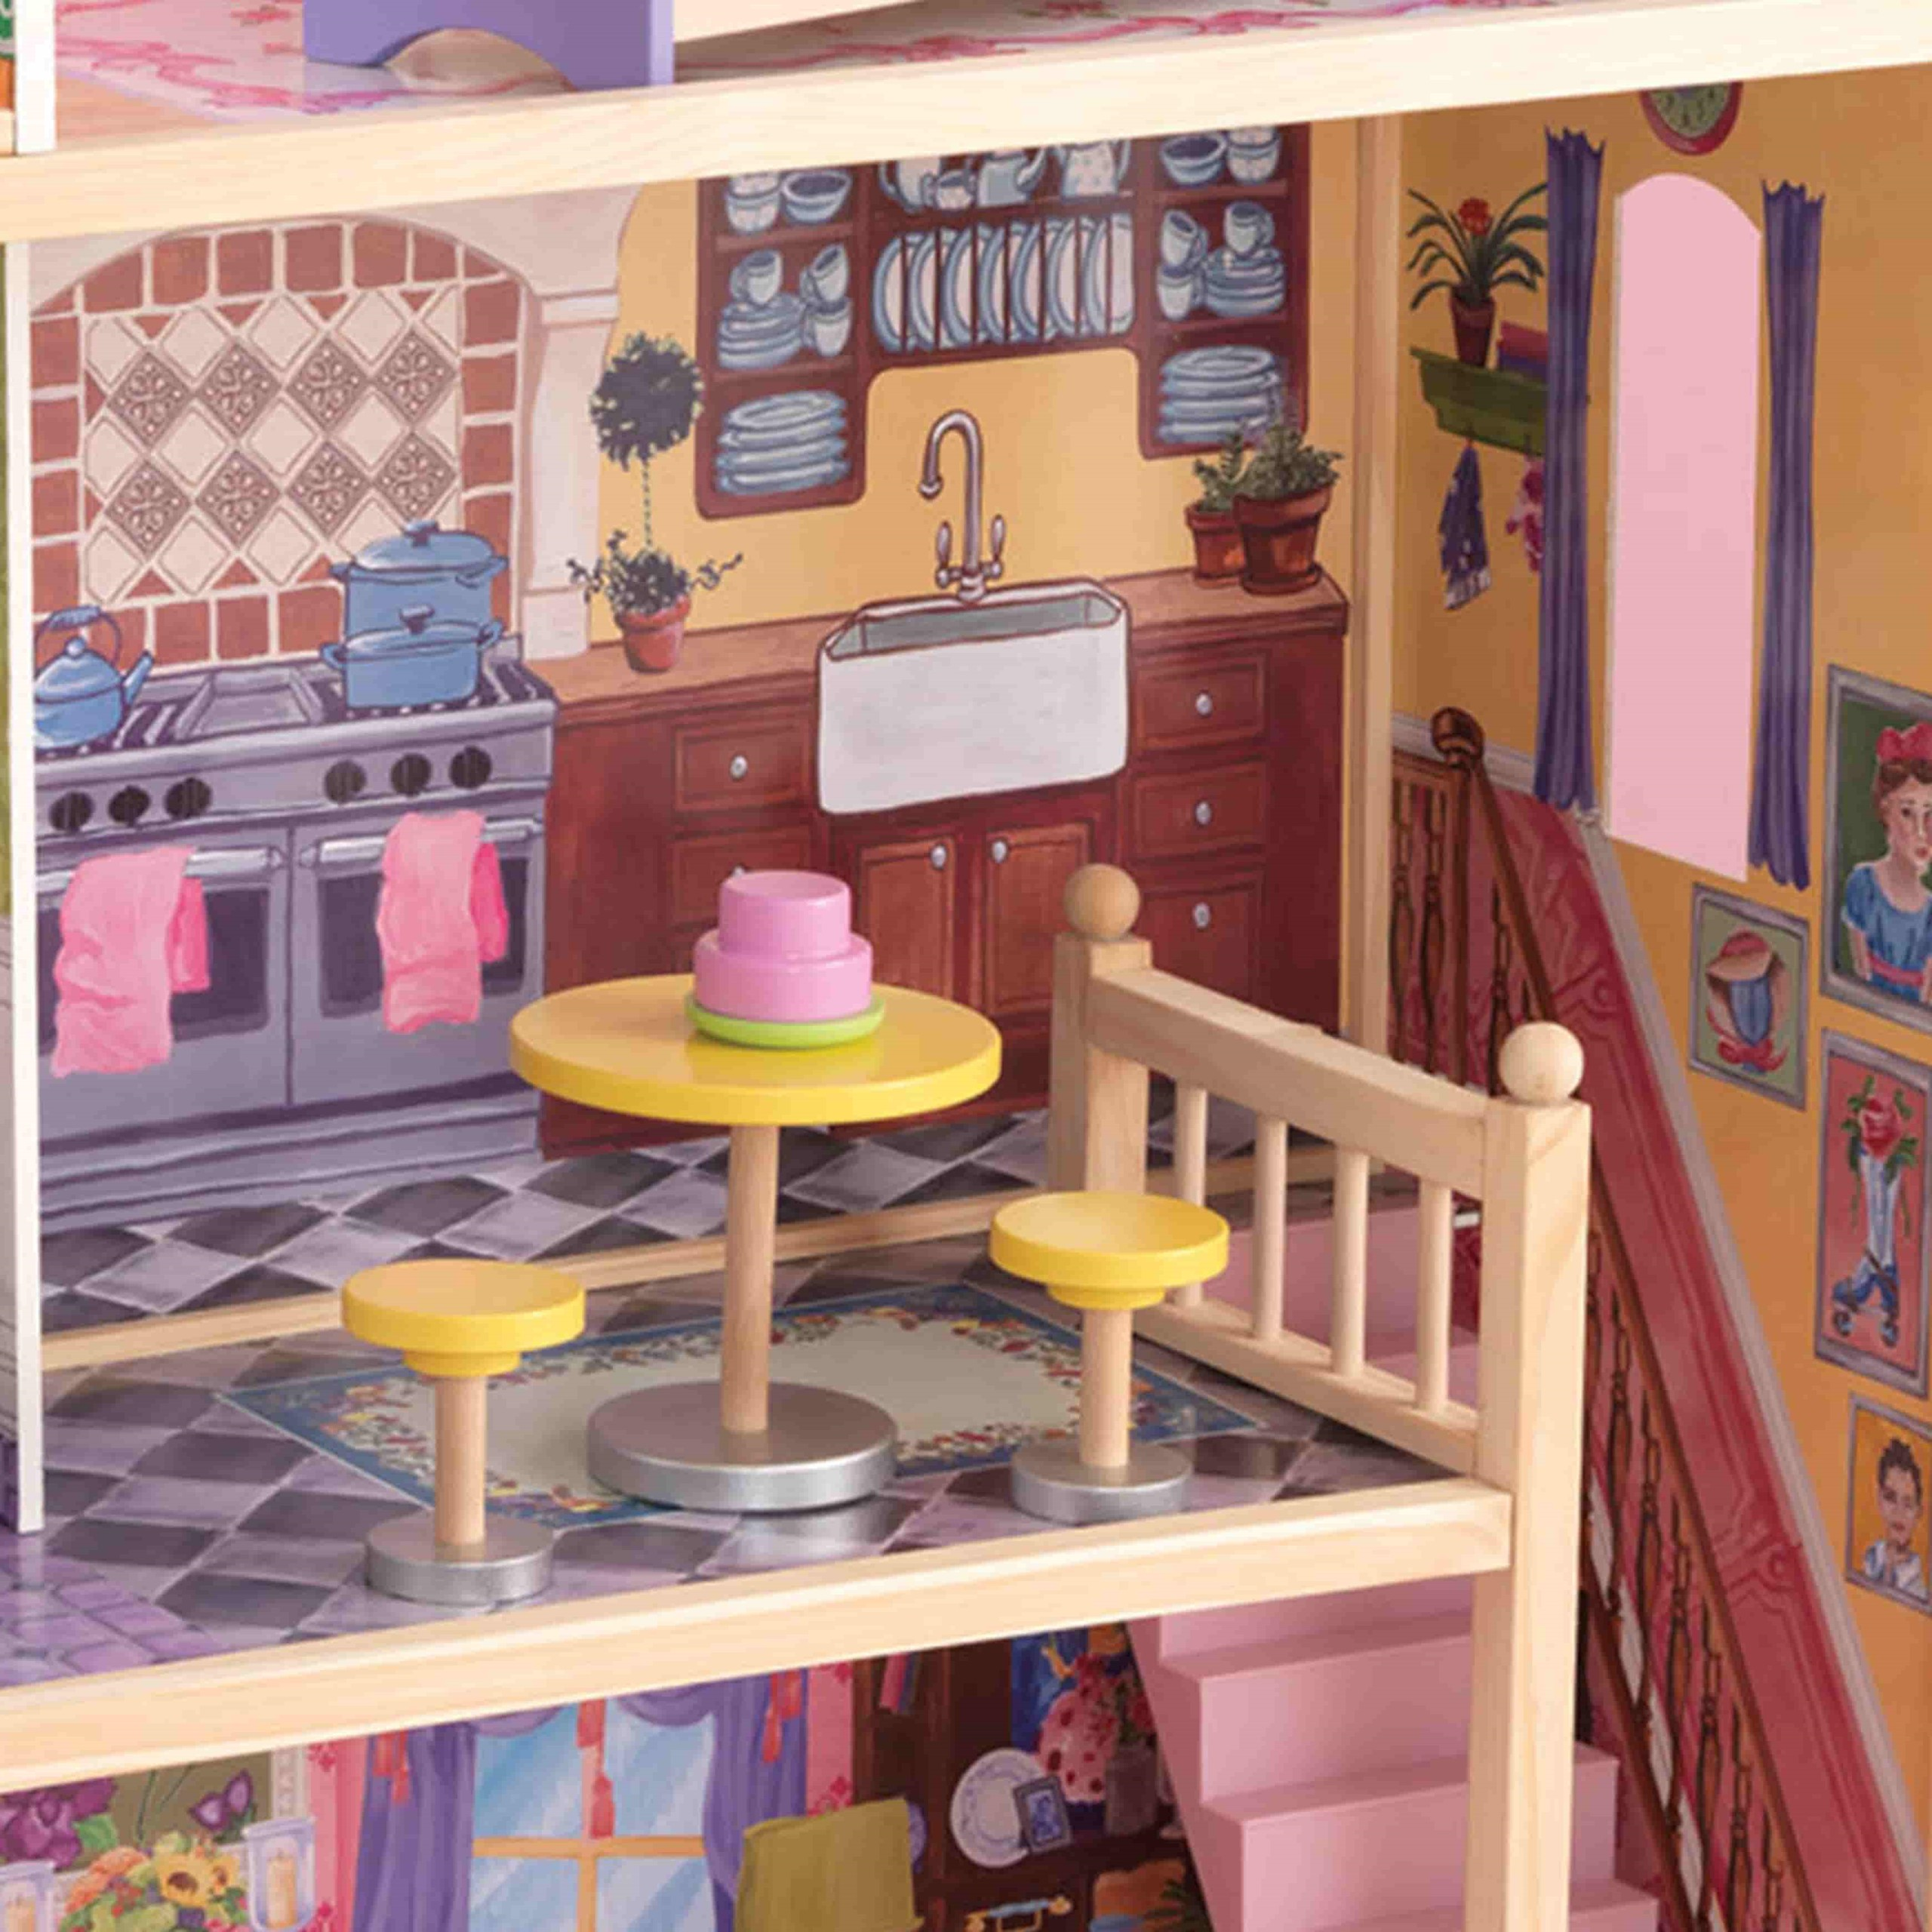 Къща за кукли от дърво – Кайла - Kidkraft дървени къщи за кукли(6)-bellamiestore